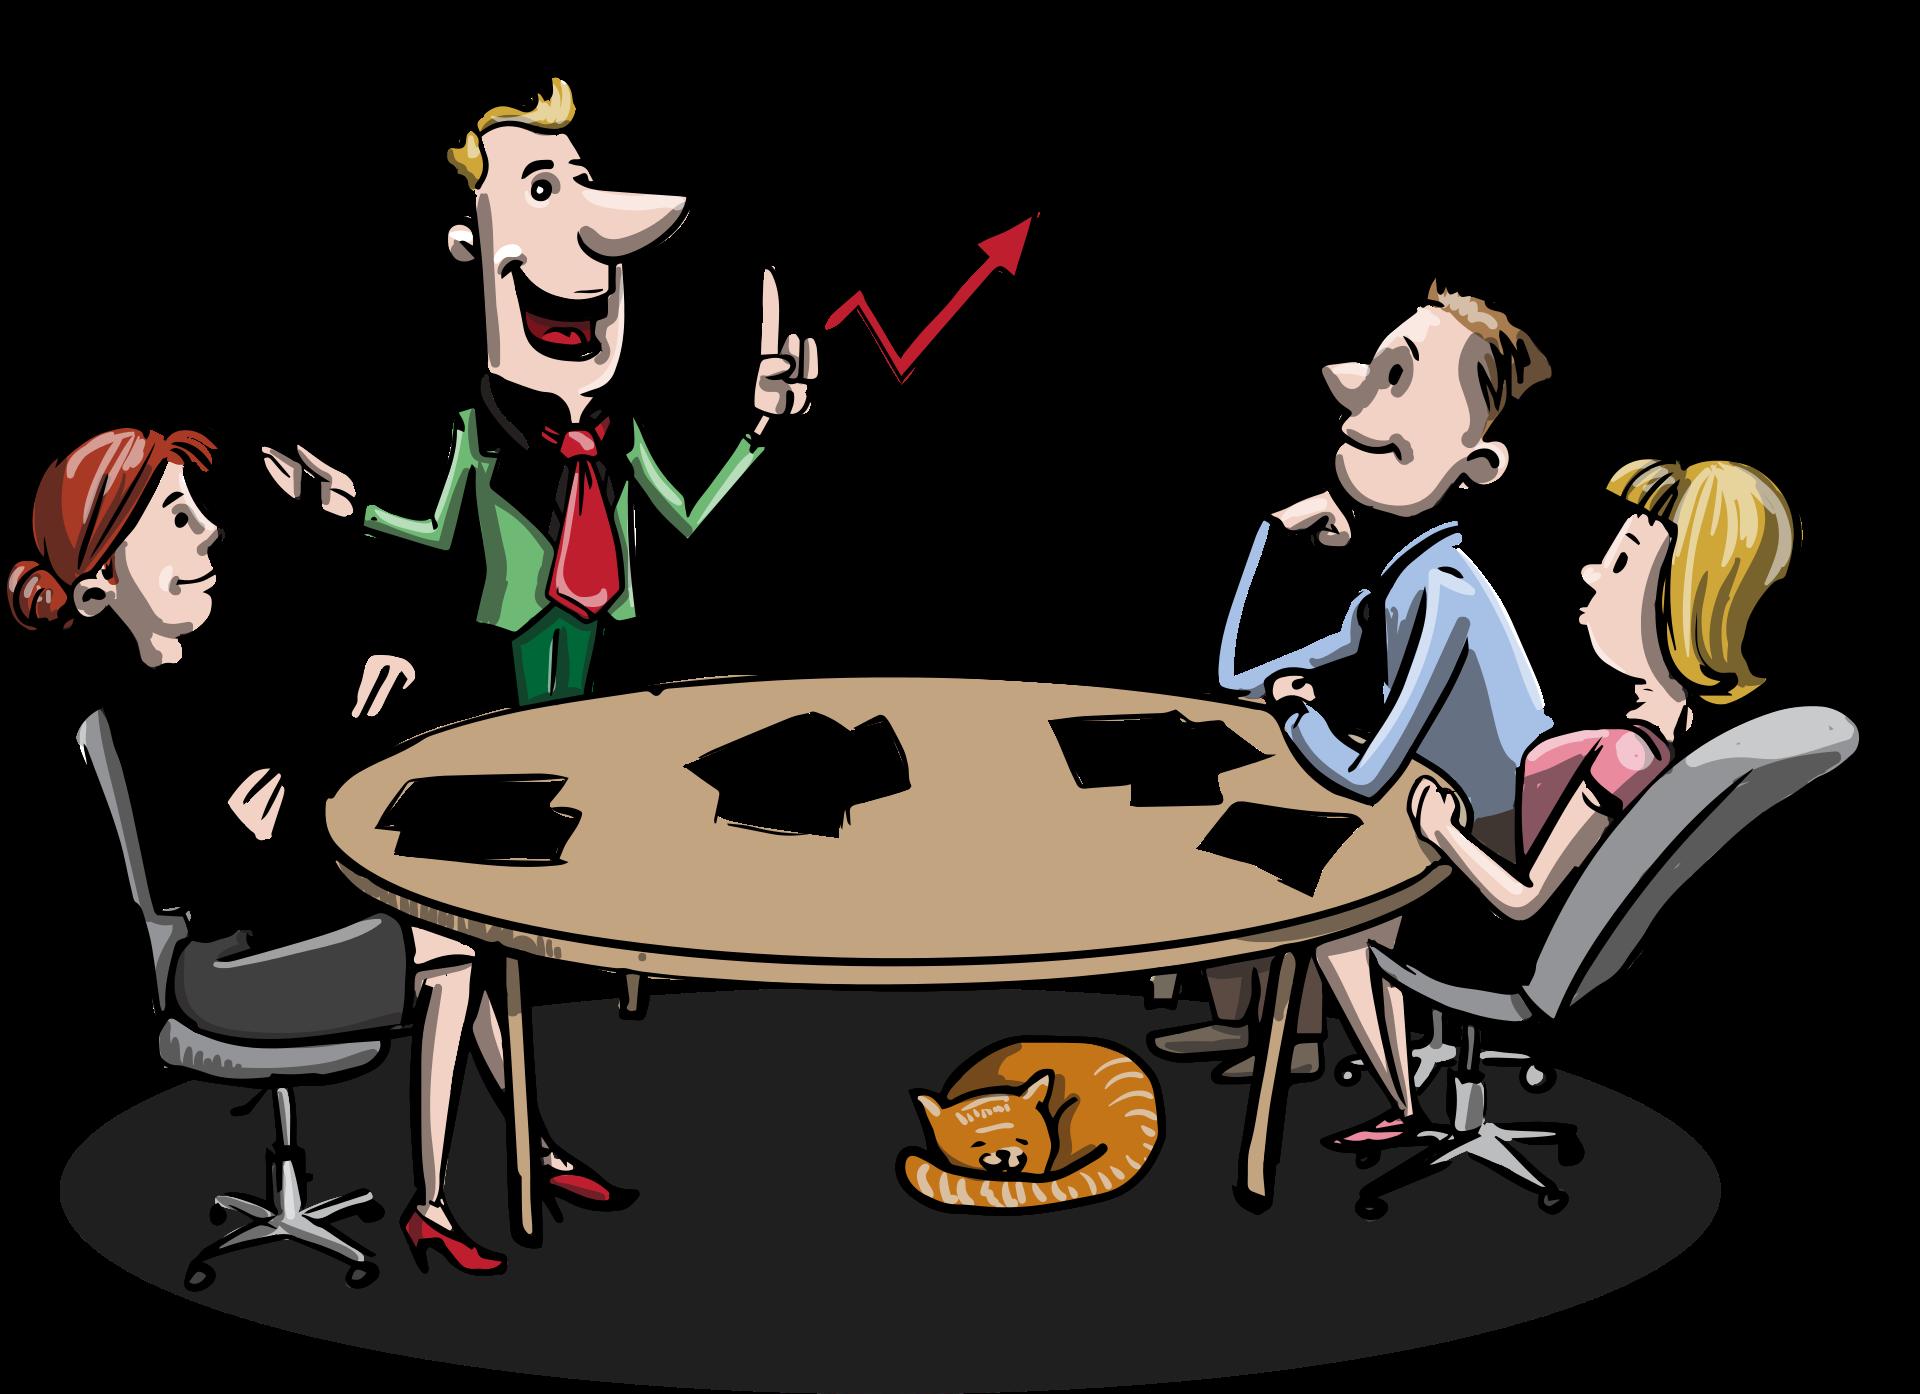 הפרת חוזה עבודה | גישור דיני עבודה | הפרת הסכם עבודה על ידי המעביד